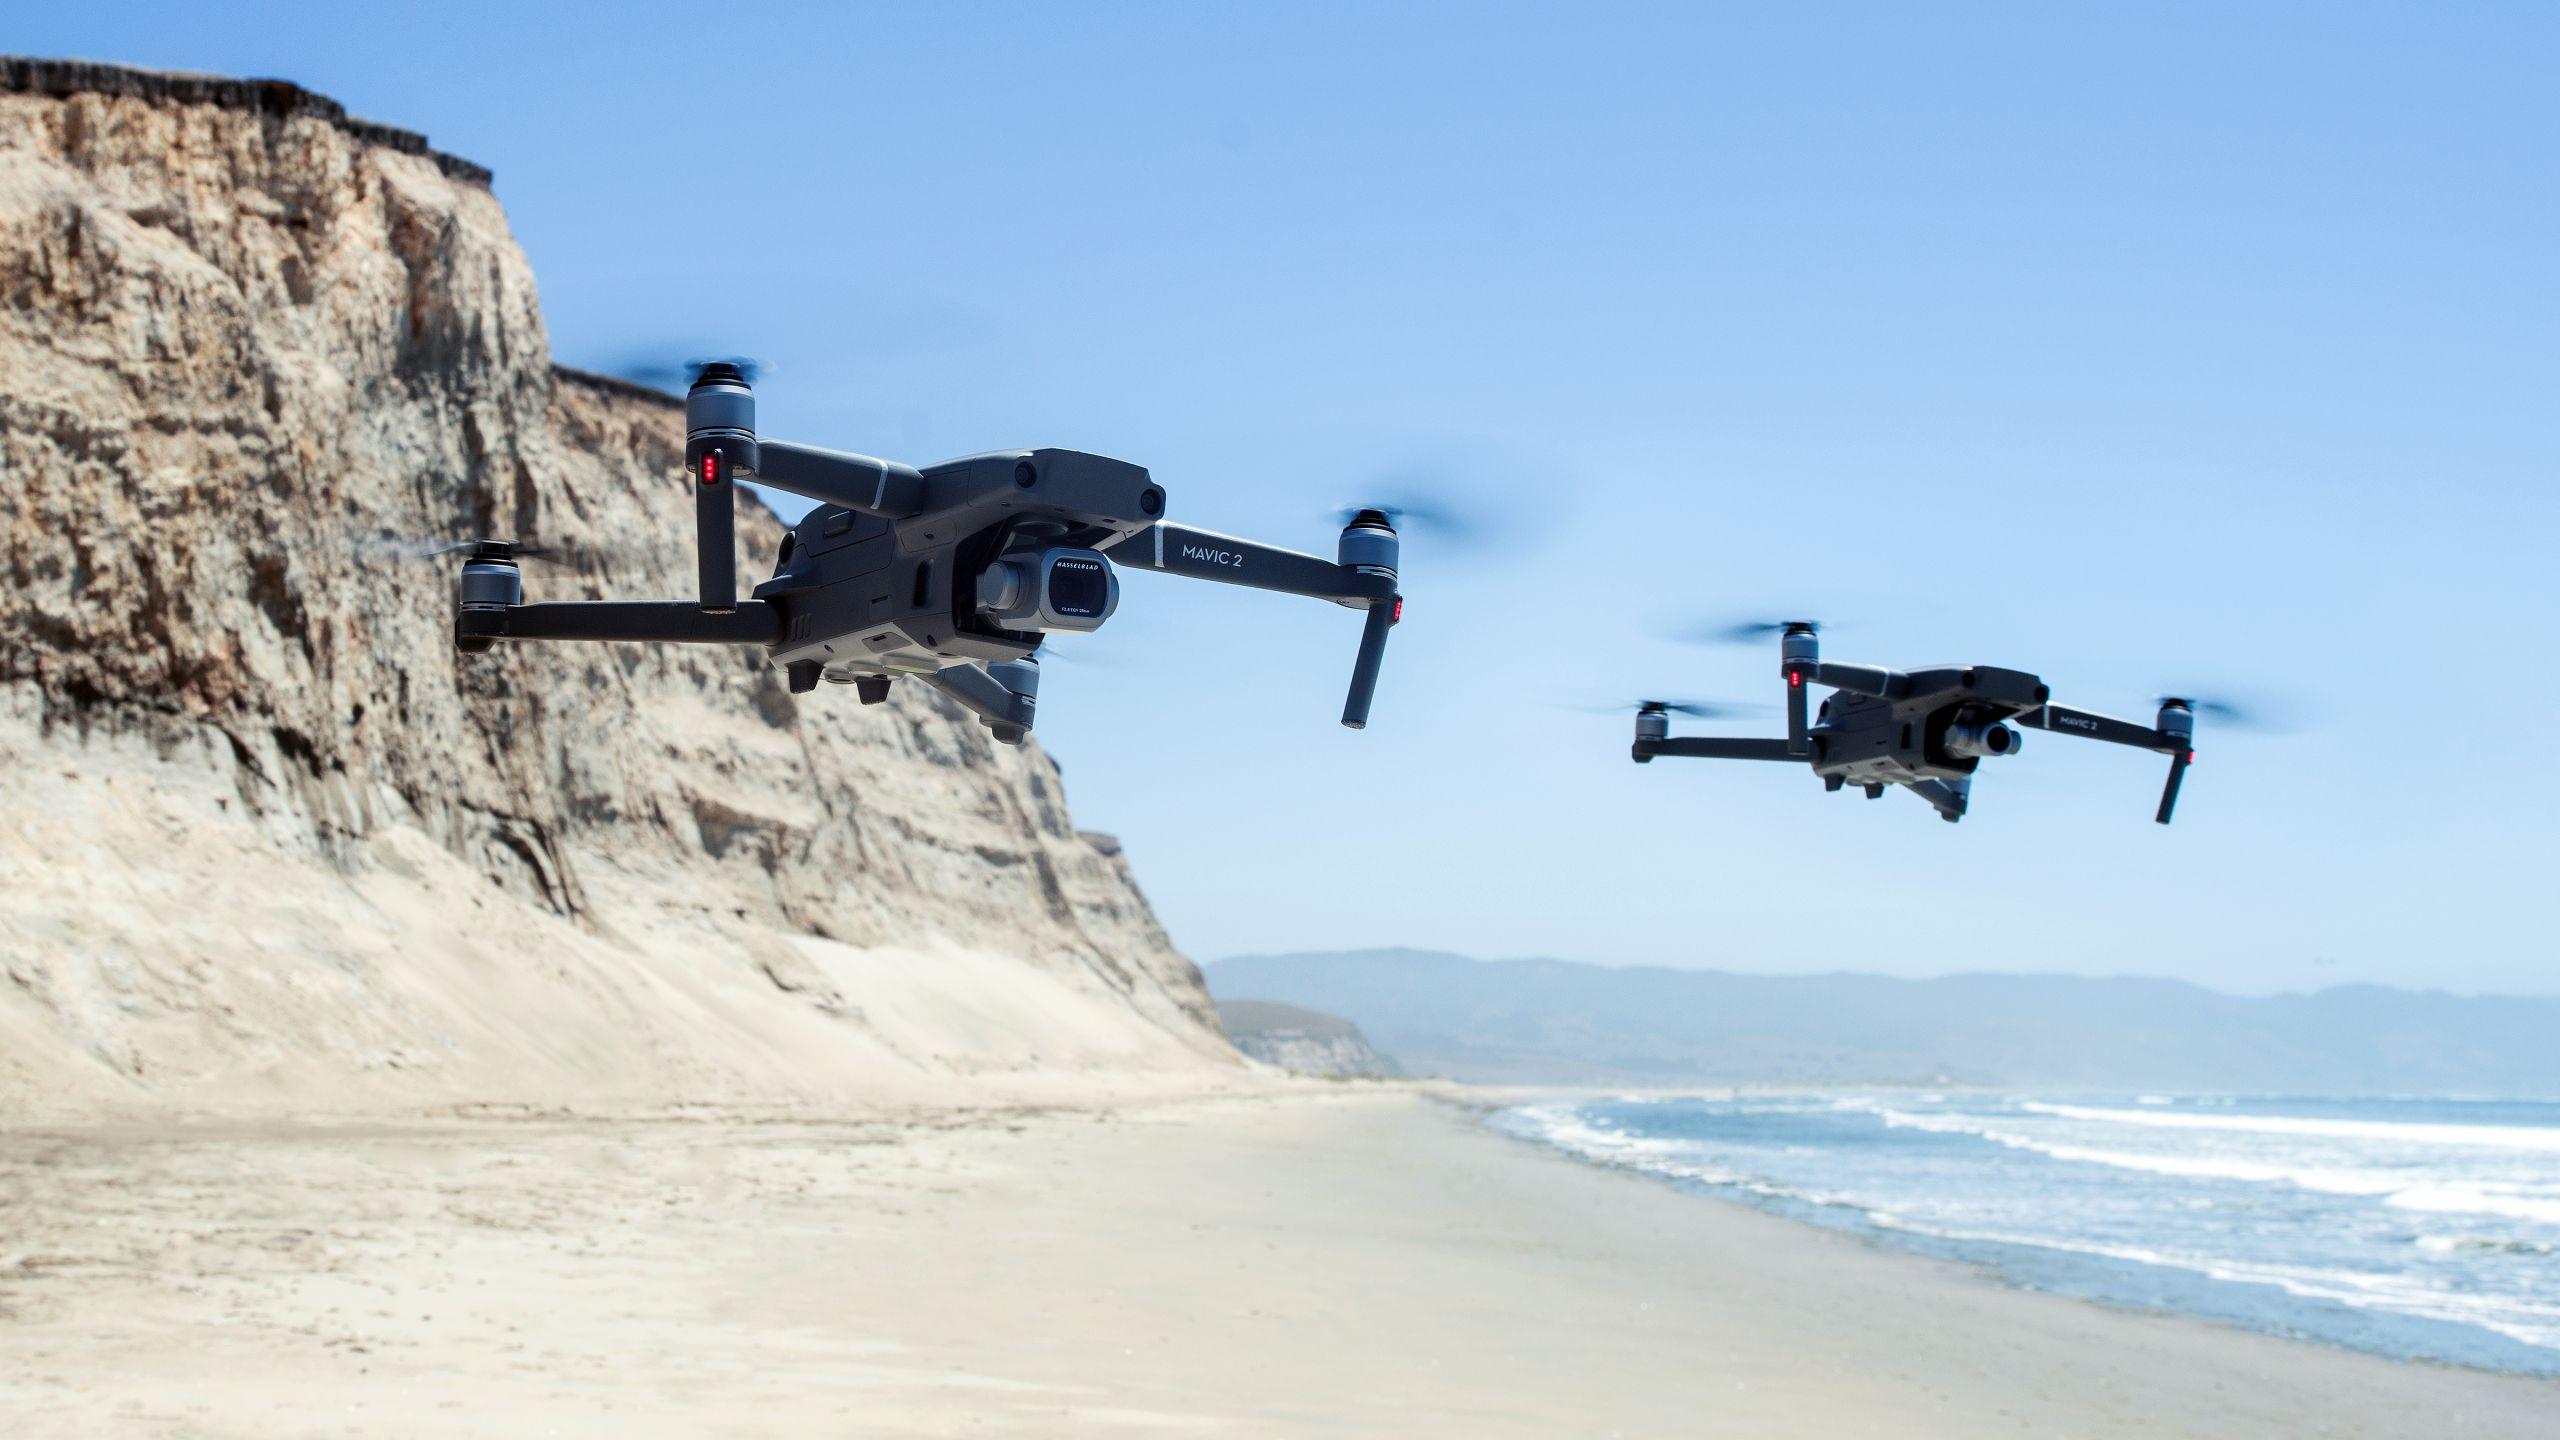 WLtoys Q222G FPV con telecamera e fotocamera HD + altidude mode + Headless Mode e one key return, atterraggio automatico